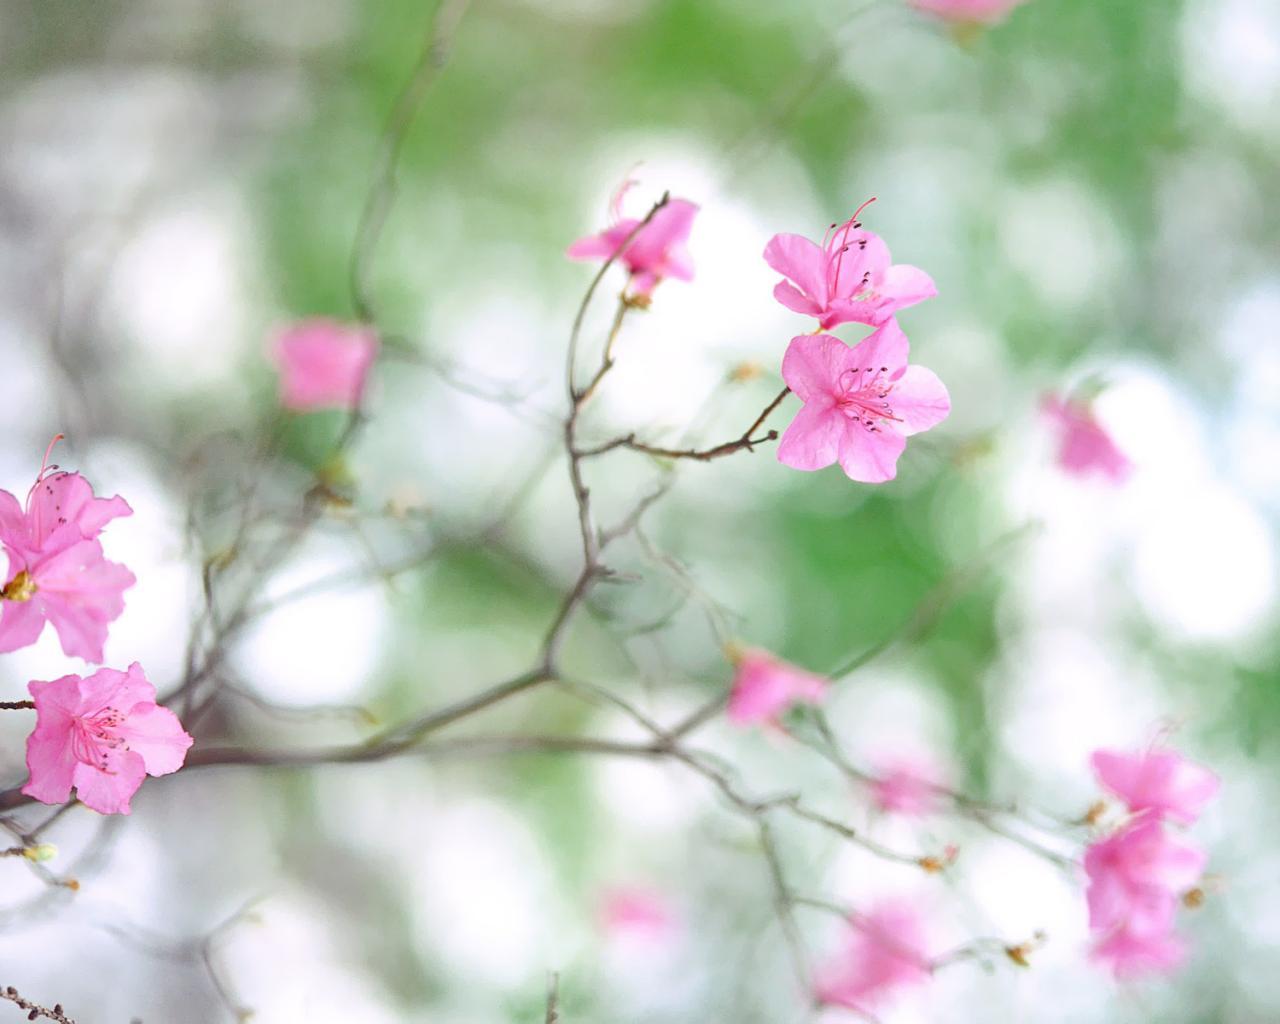 обои на рабочий стол лето природа цветы ромашки